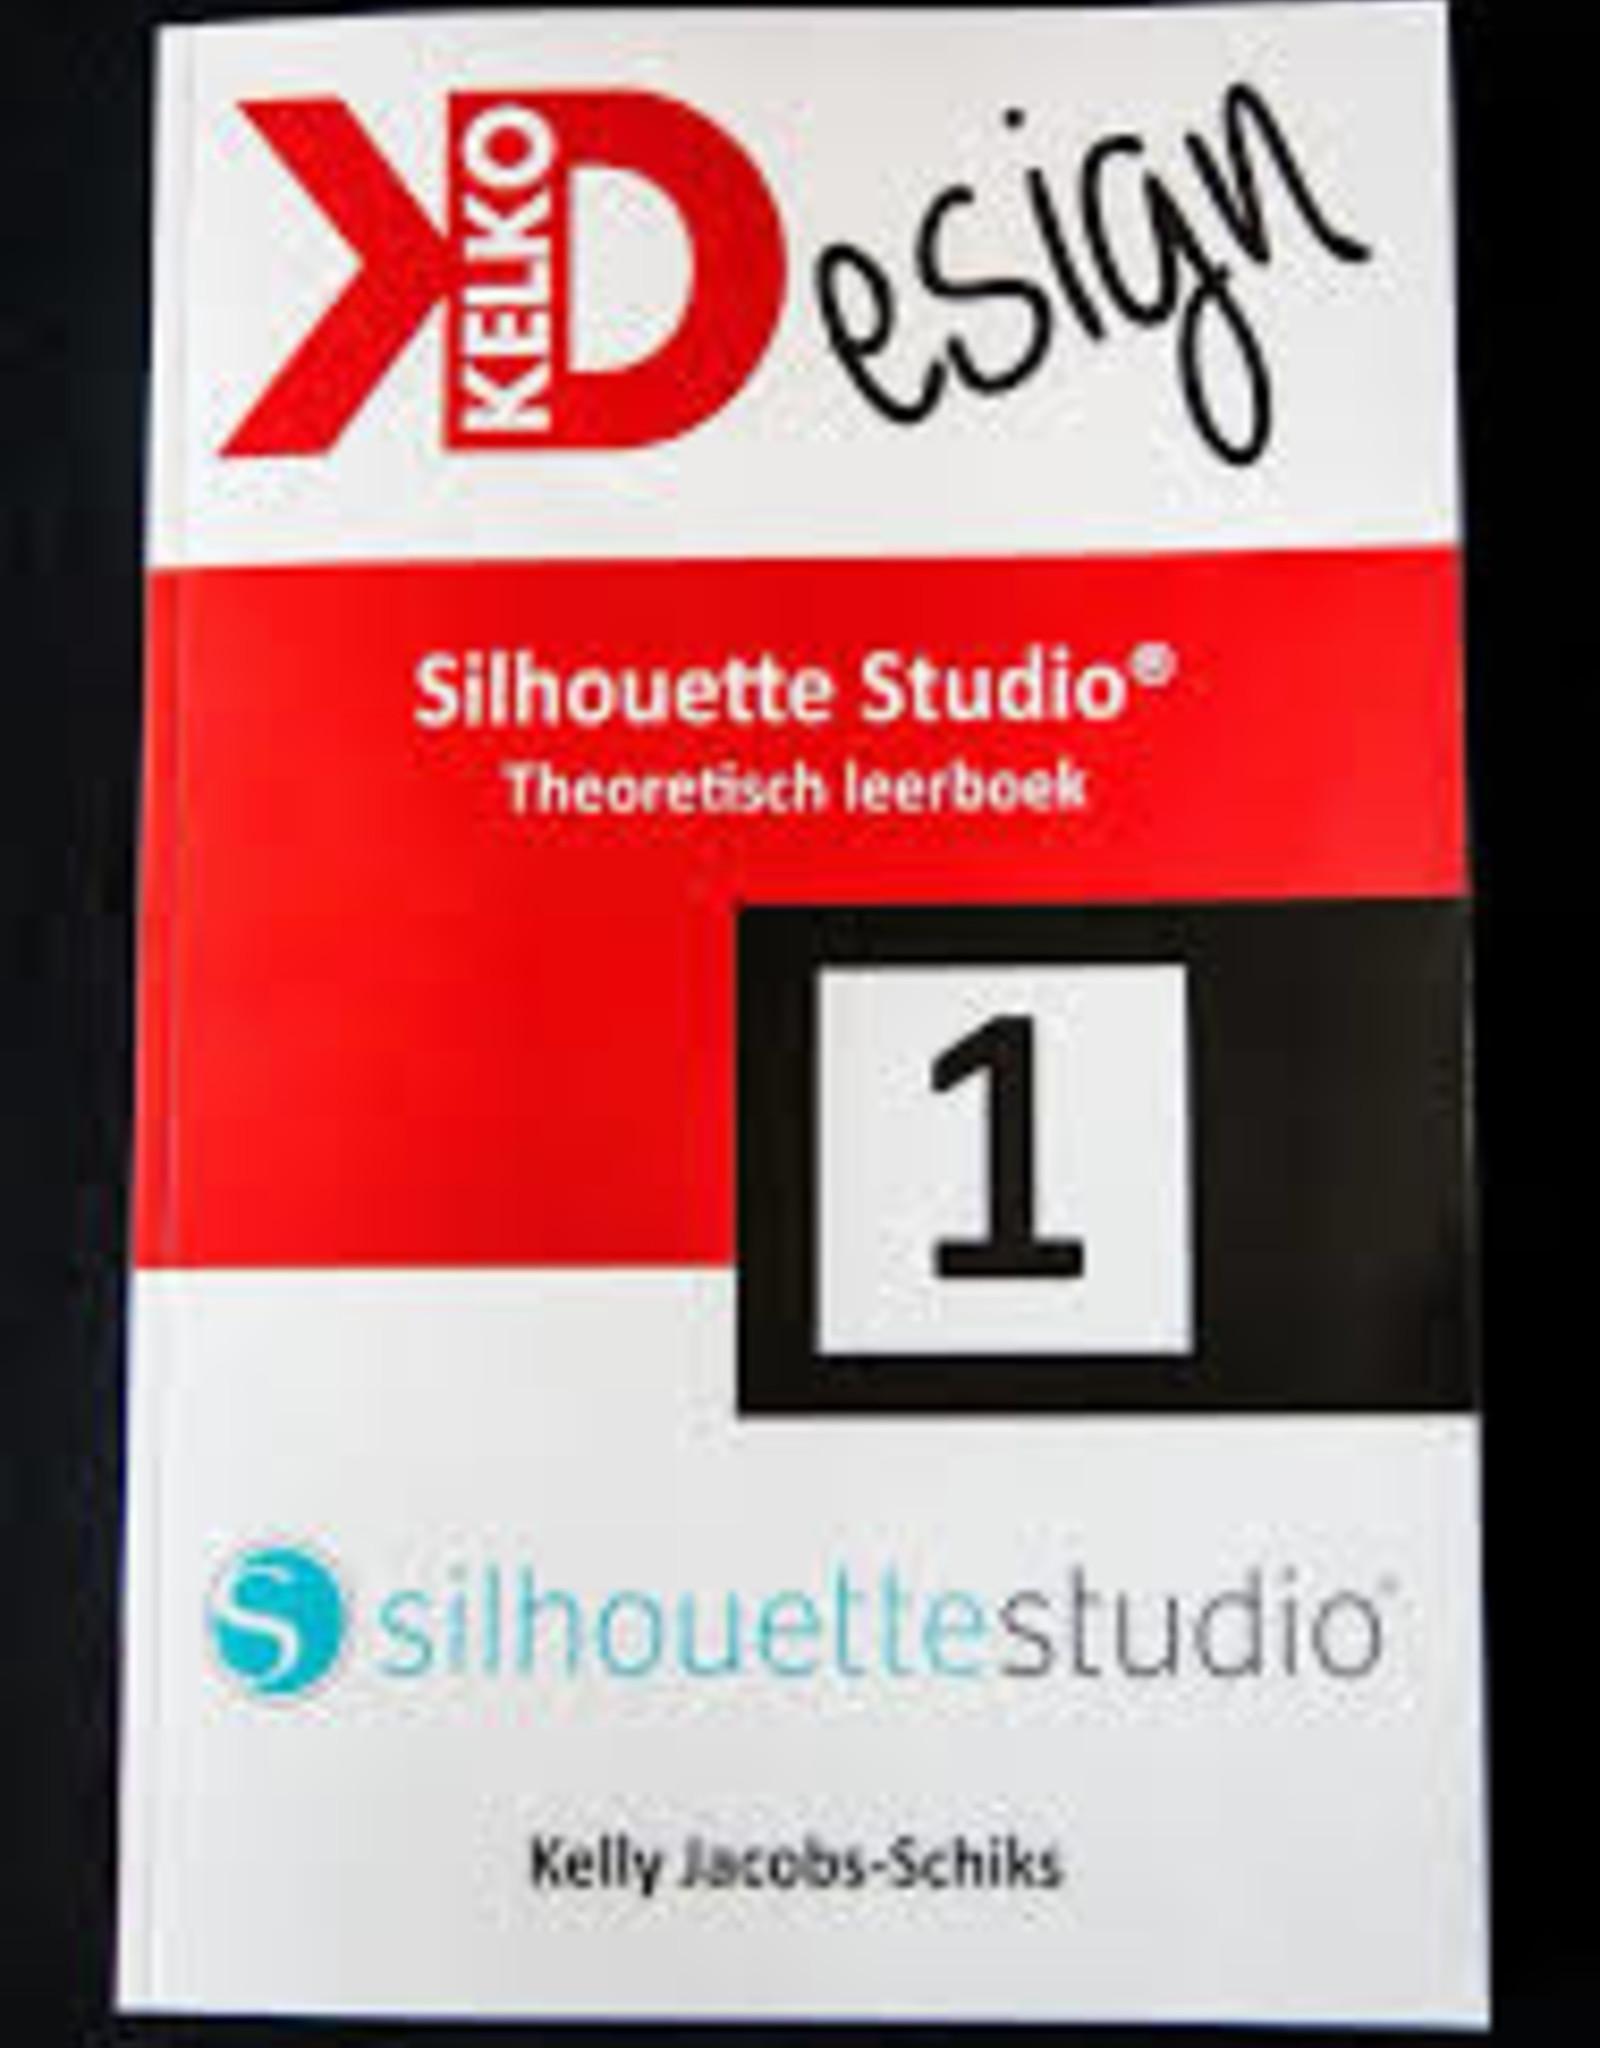 Kelko Design Silhouette Studio theoretisch leerboek